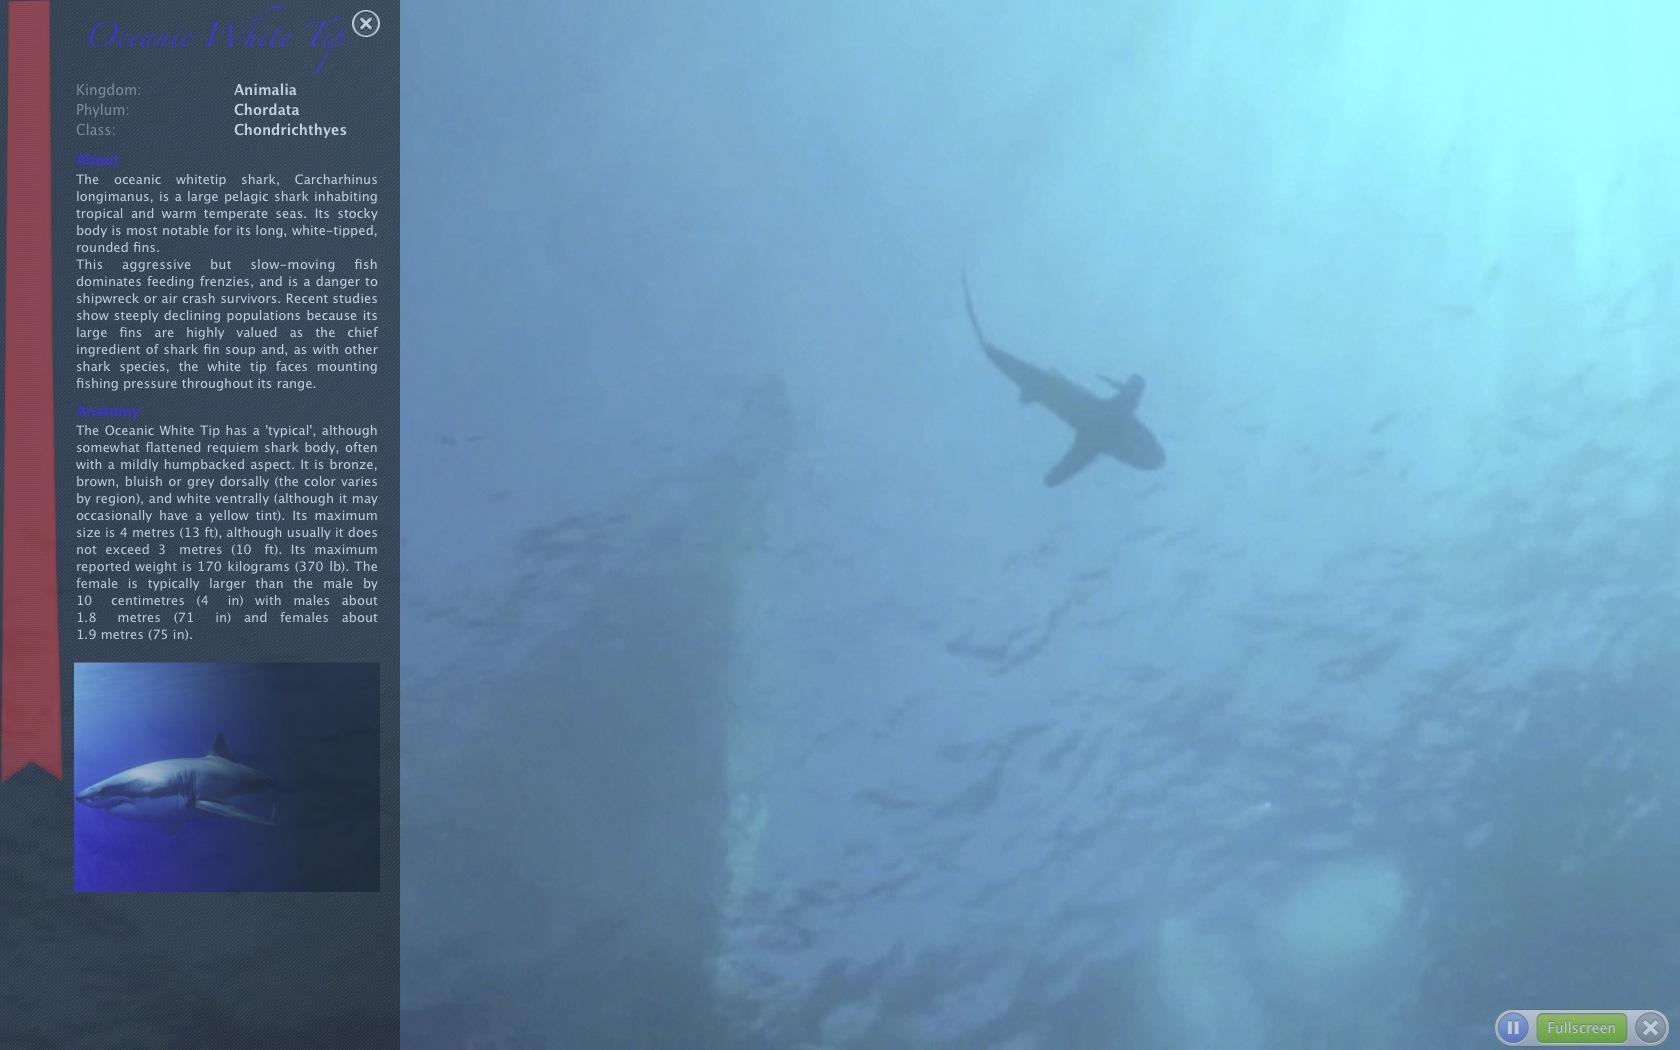 Shark info